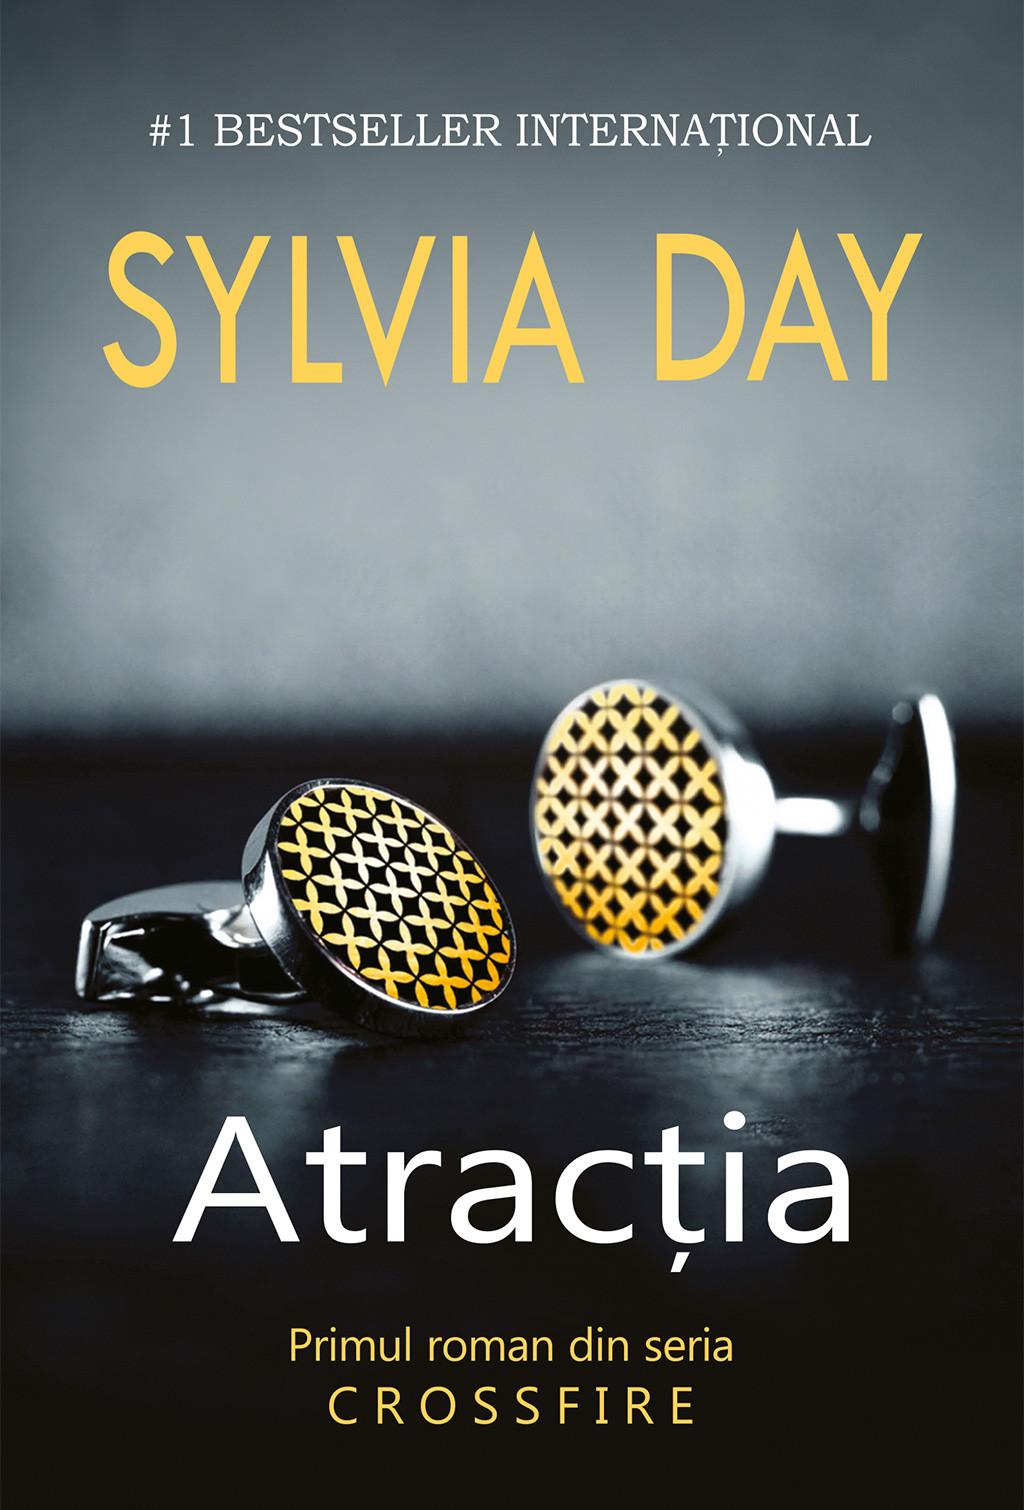 Atracţia (#Crossfire 1) - Sylvia Dax